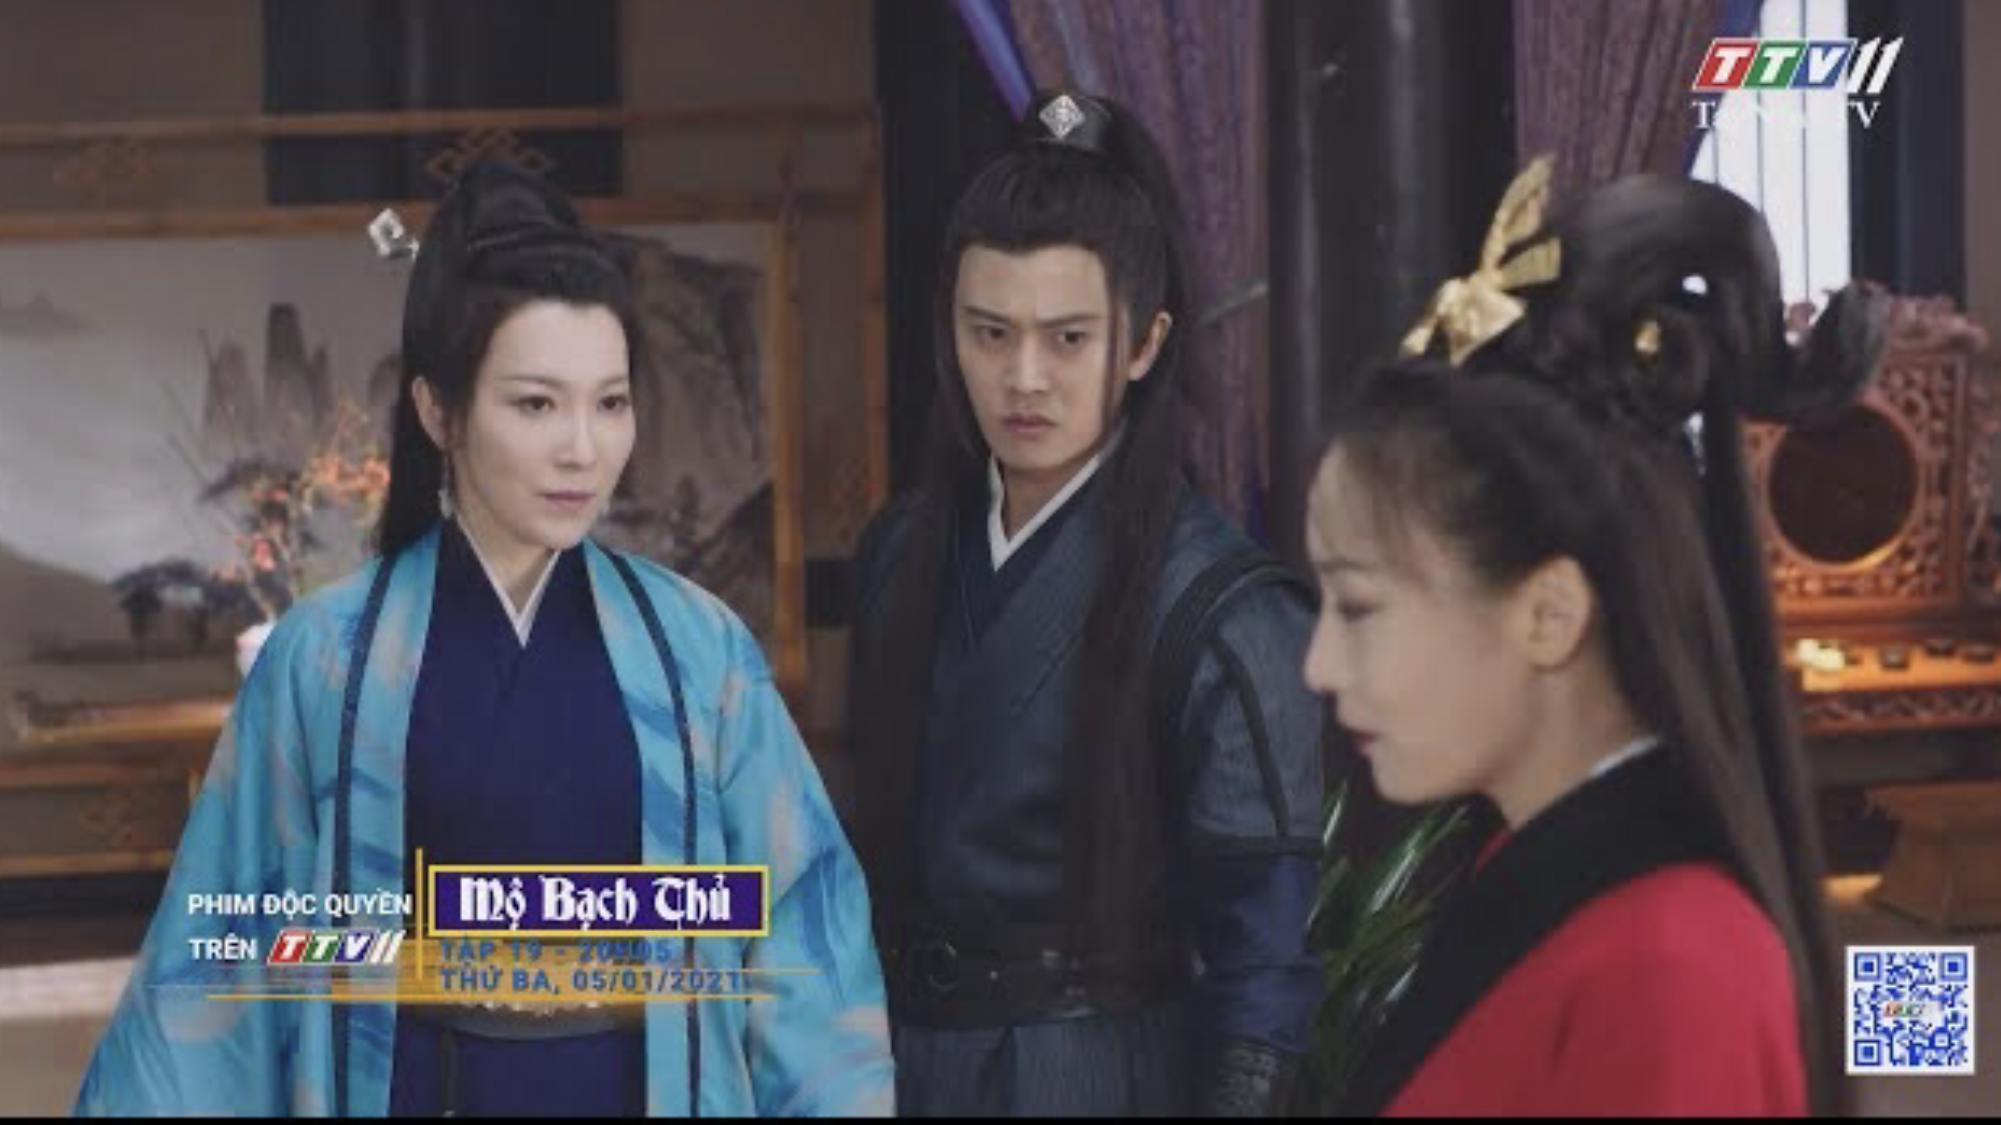 Mộ Bạch Thủ-TẬP 19 trailer | PHIM MỘ BẠCH THỦ | TayNinhTV